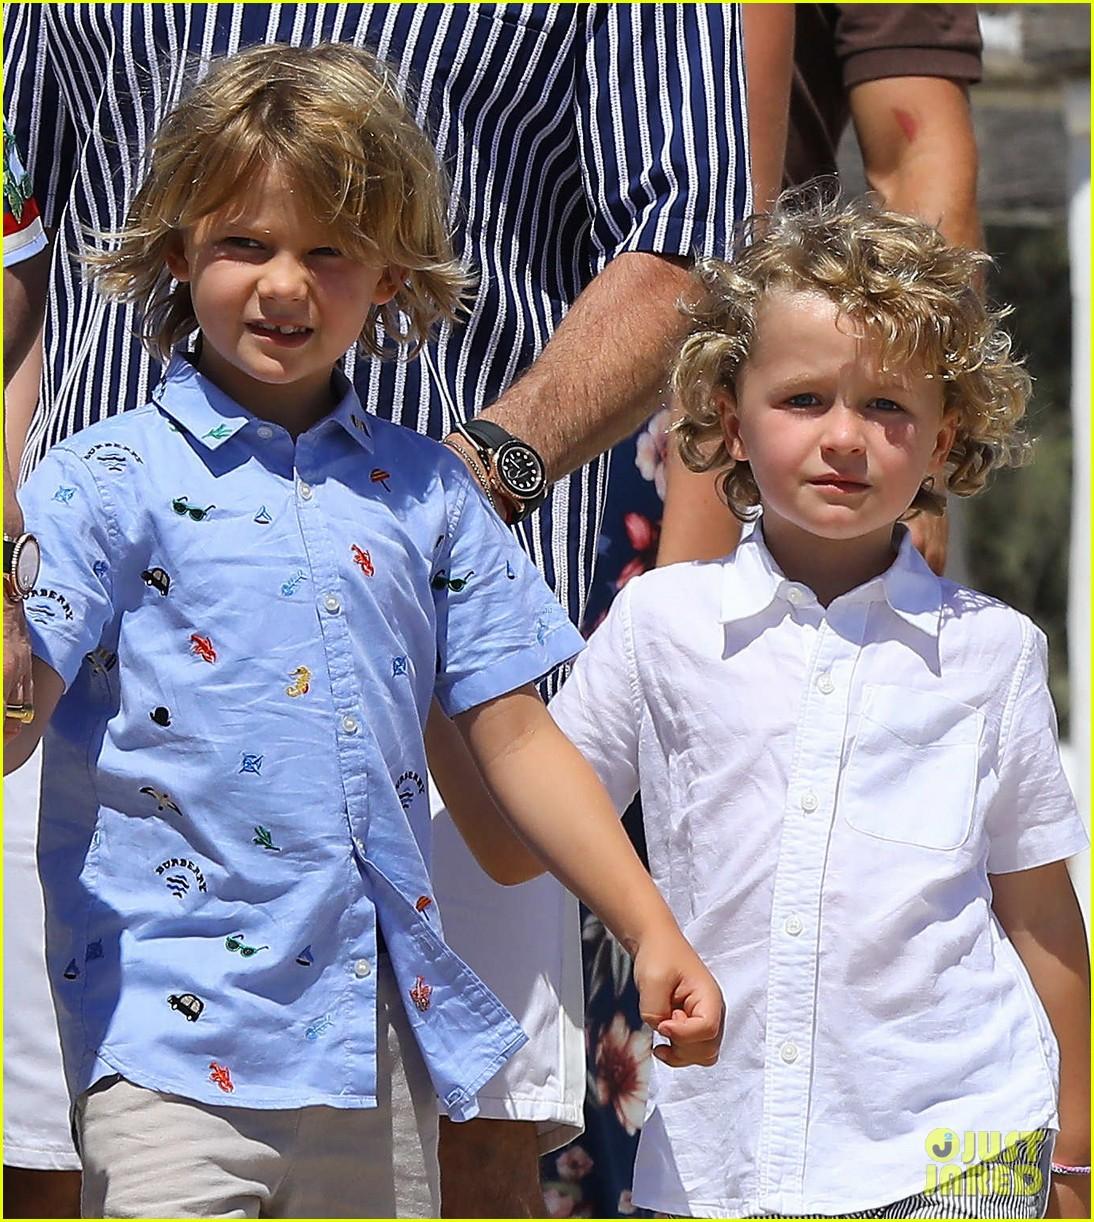 папиллома у ребенка на руке фото